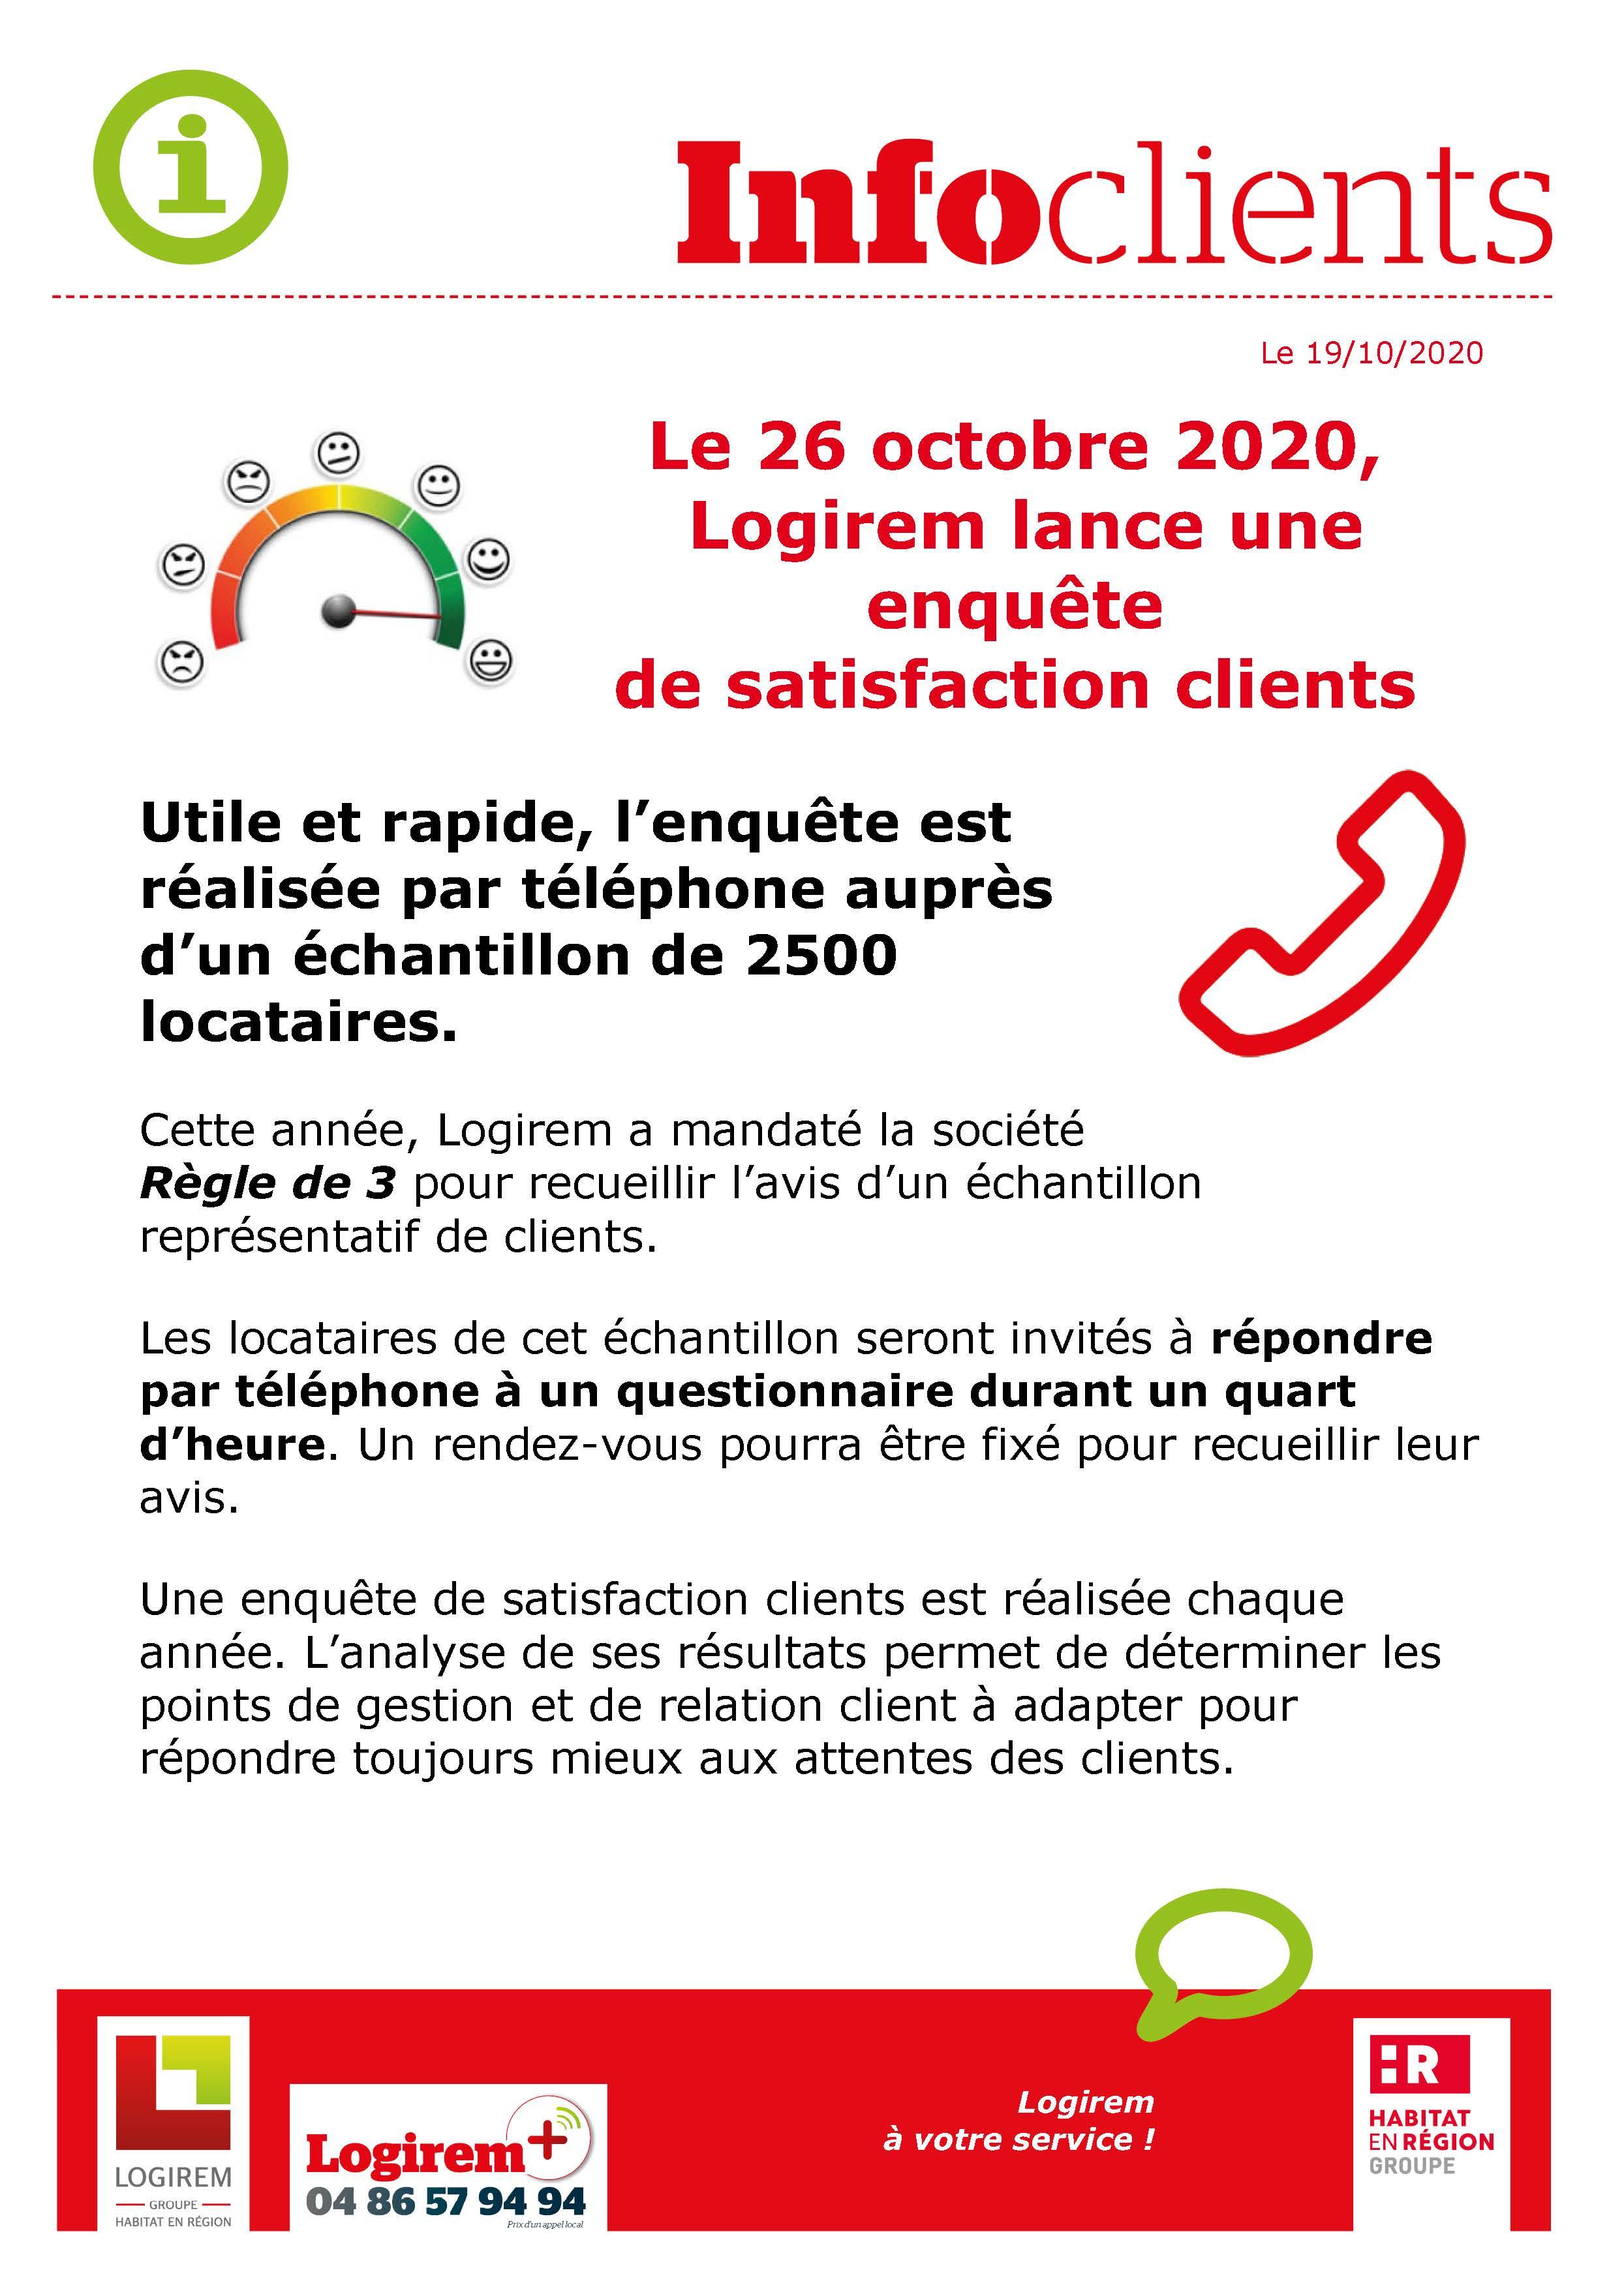 enquête de satisfaction clients 2020